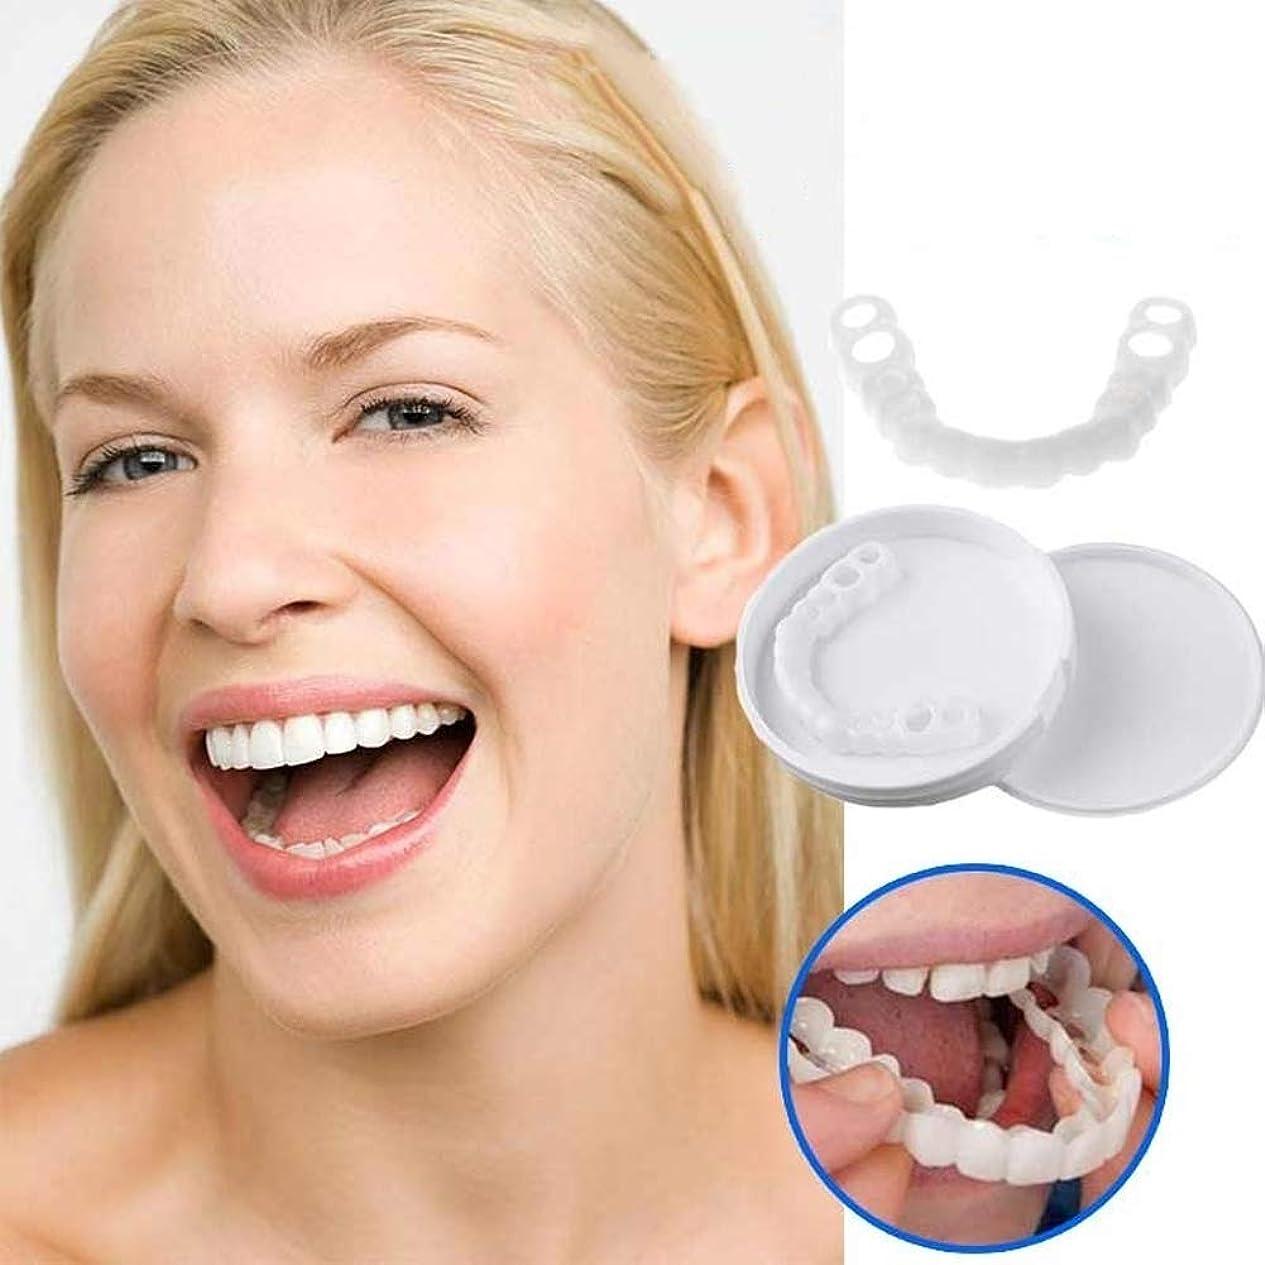 楕円形労働フィラデルフィア5ピース再利用可能なスナップオン男性女性歯インスタントパーフェクトスマイルコンフォートフィットフレックス歯フィットホワイトニング笑顔偽歯カバー,Upperteeth5Pcs